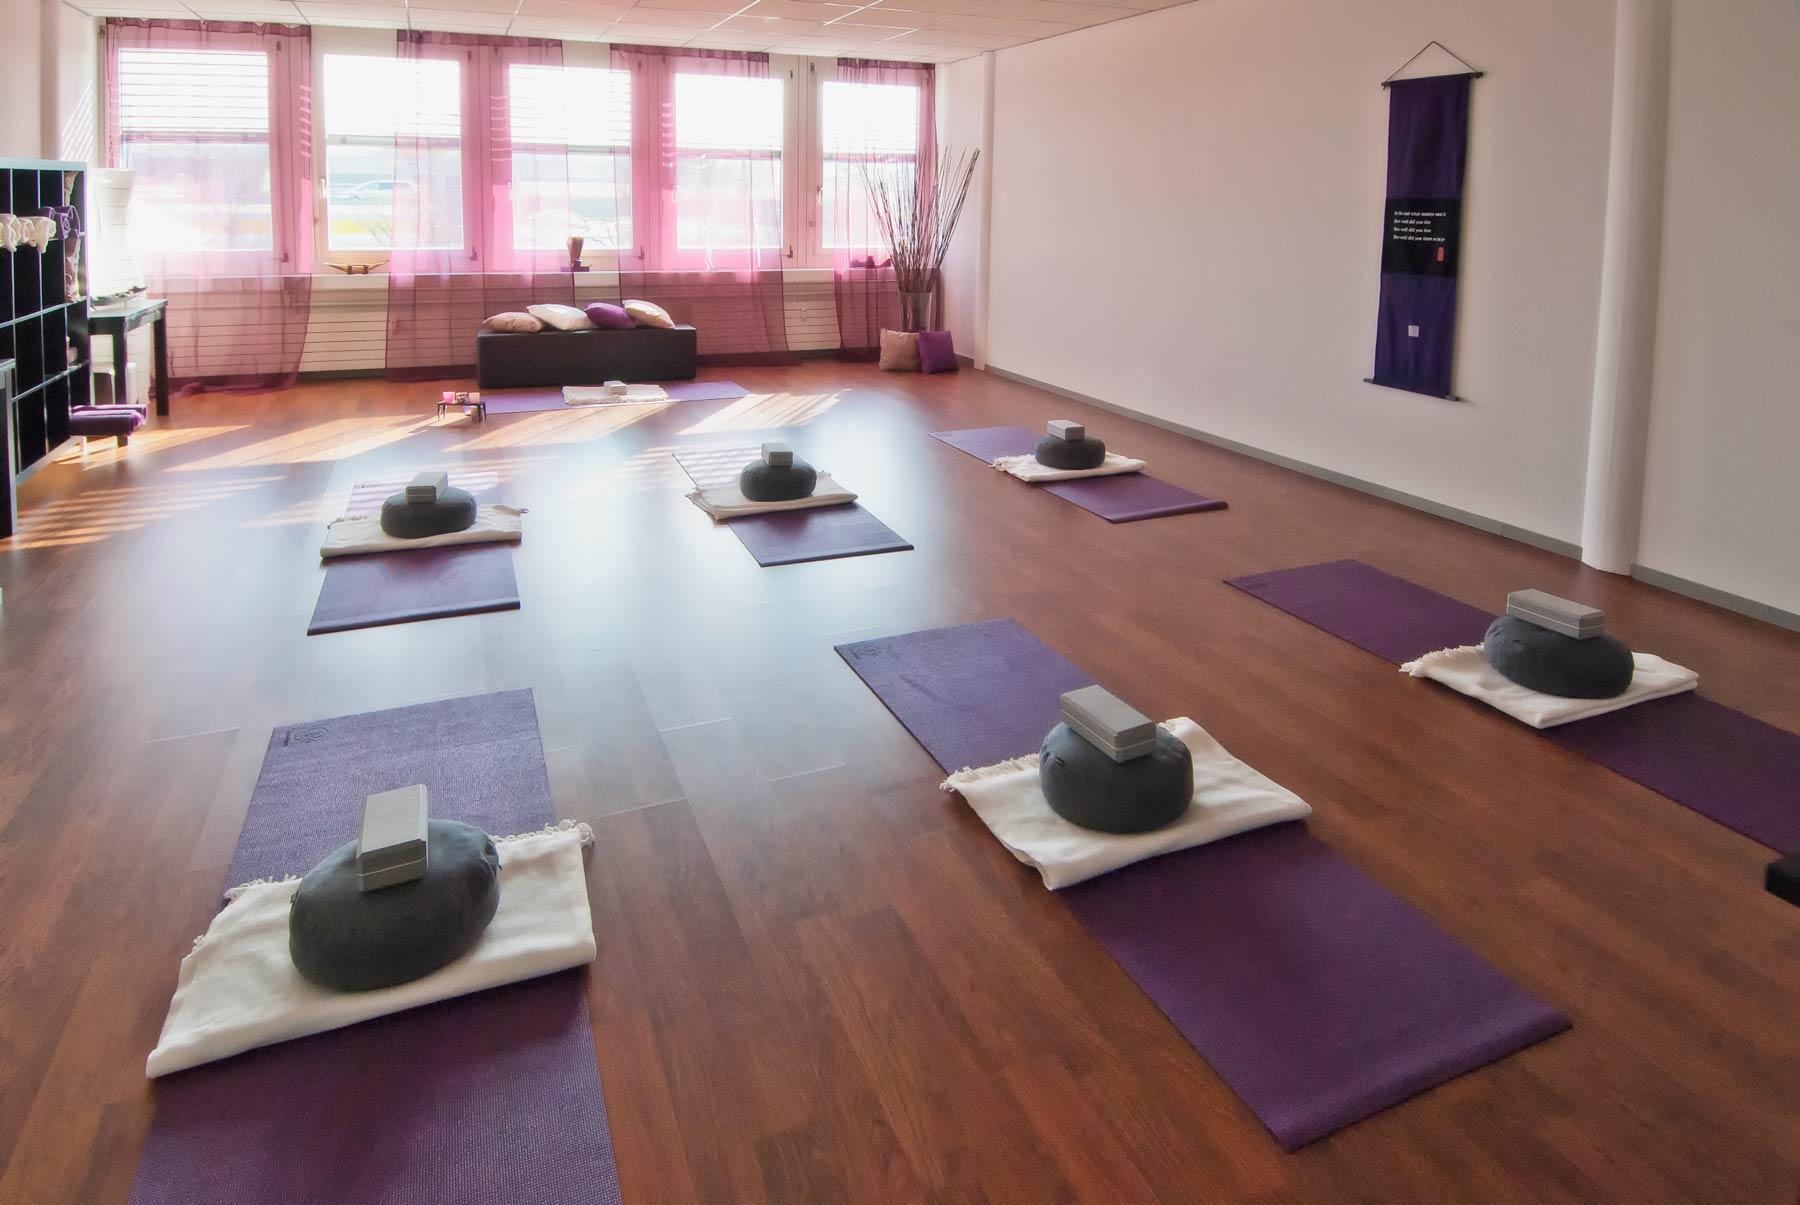 Yoga Studio: Ruhige Atmosphäre in lichtdurchflutetem Raum